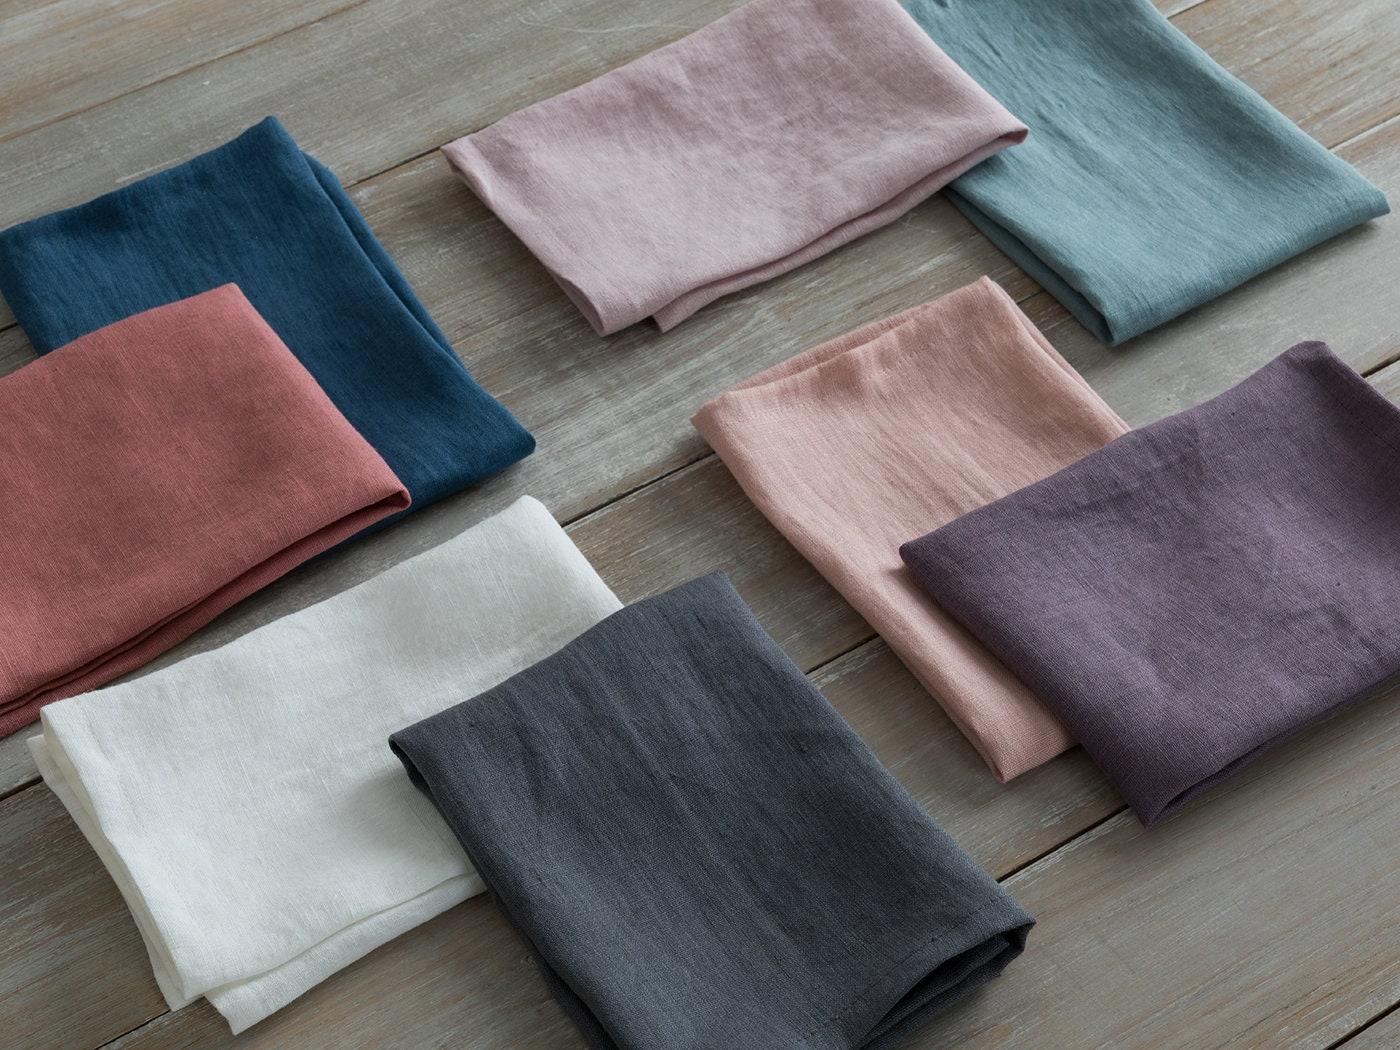 Linen Napkins Set Of 4 6 8 Washed Natural Linen Napkins 16 5 X16 5 42x42cm Wedding Linen Napkins Linen Table Cloth Napkins